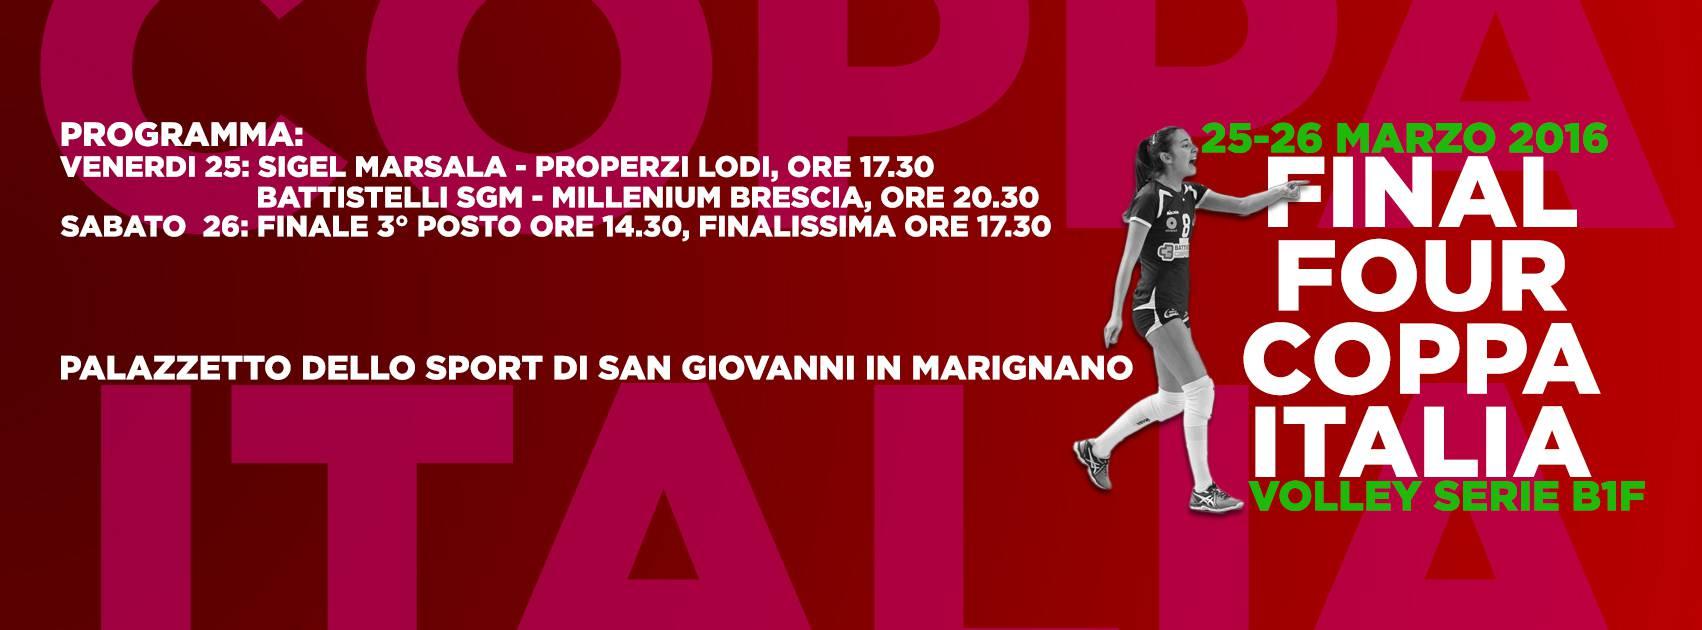 Battistelli Volley San Giovanni in M.-Abros Pagliare Volley 3-0